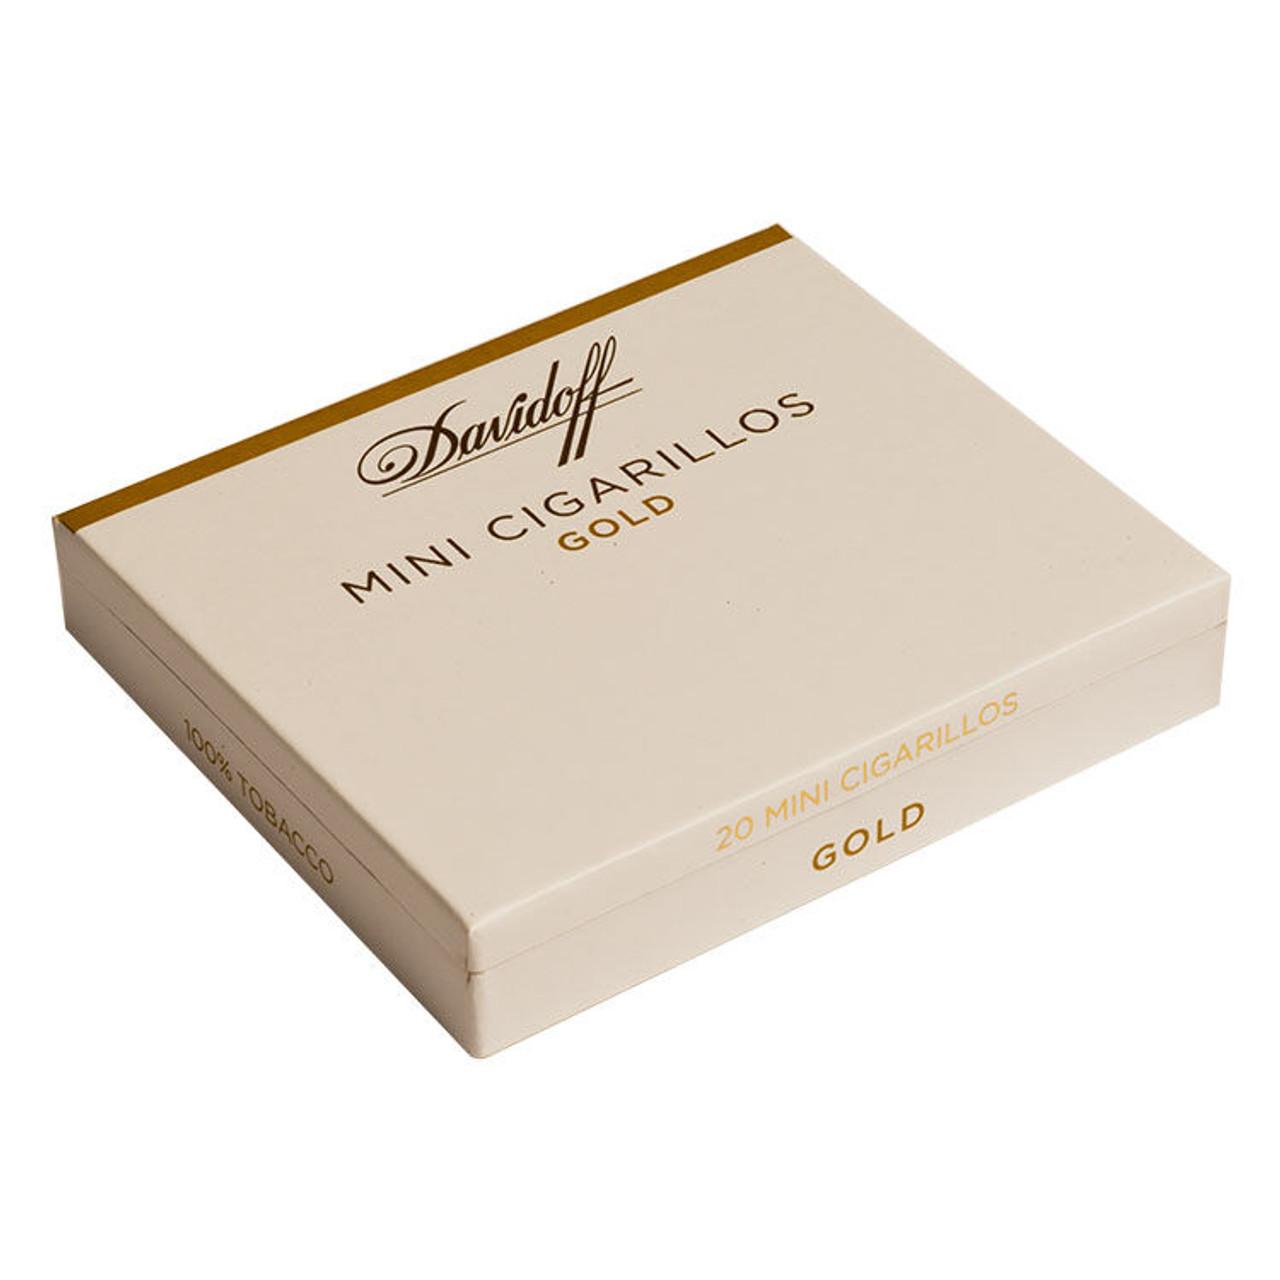 Davidoff Cigarillos and Small Cigars - Mini Cigarillos Gold Cigars - 3.43 x 22 (5 packs of 20 (100 total))